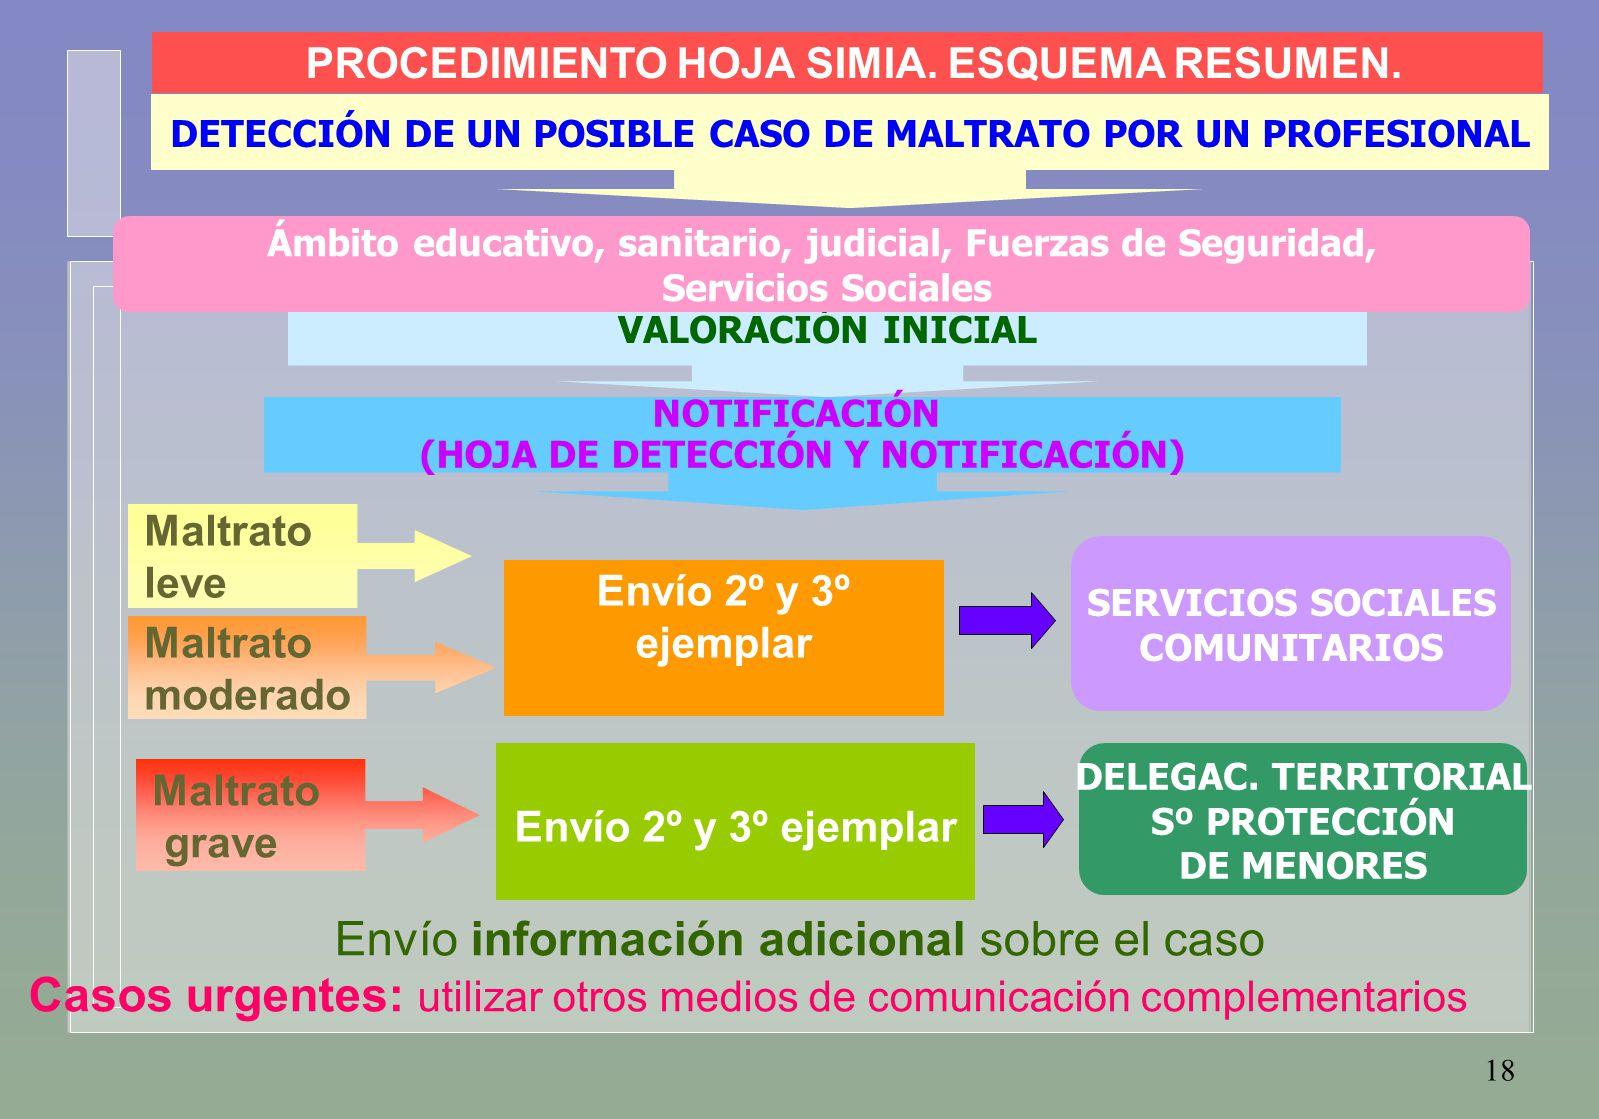 18 Maltrato leve Maltrato moderado Maltrato grave Envío información adicional sobre el caso DETECCIÓN DE UN POSIBLE CASO DE MALTRATO POR UN PROFESIONAL VALORACIÓN INICIAL NOTIFICACIÓN (HOJA DE DETECCIÓN Y NOTIFICACIÓN) Envío 2º y 3º ejemplar SERVICIOS SOCIALES COMUNITARIOS DELEGAC.